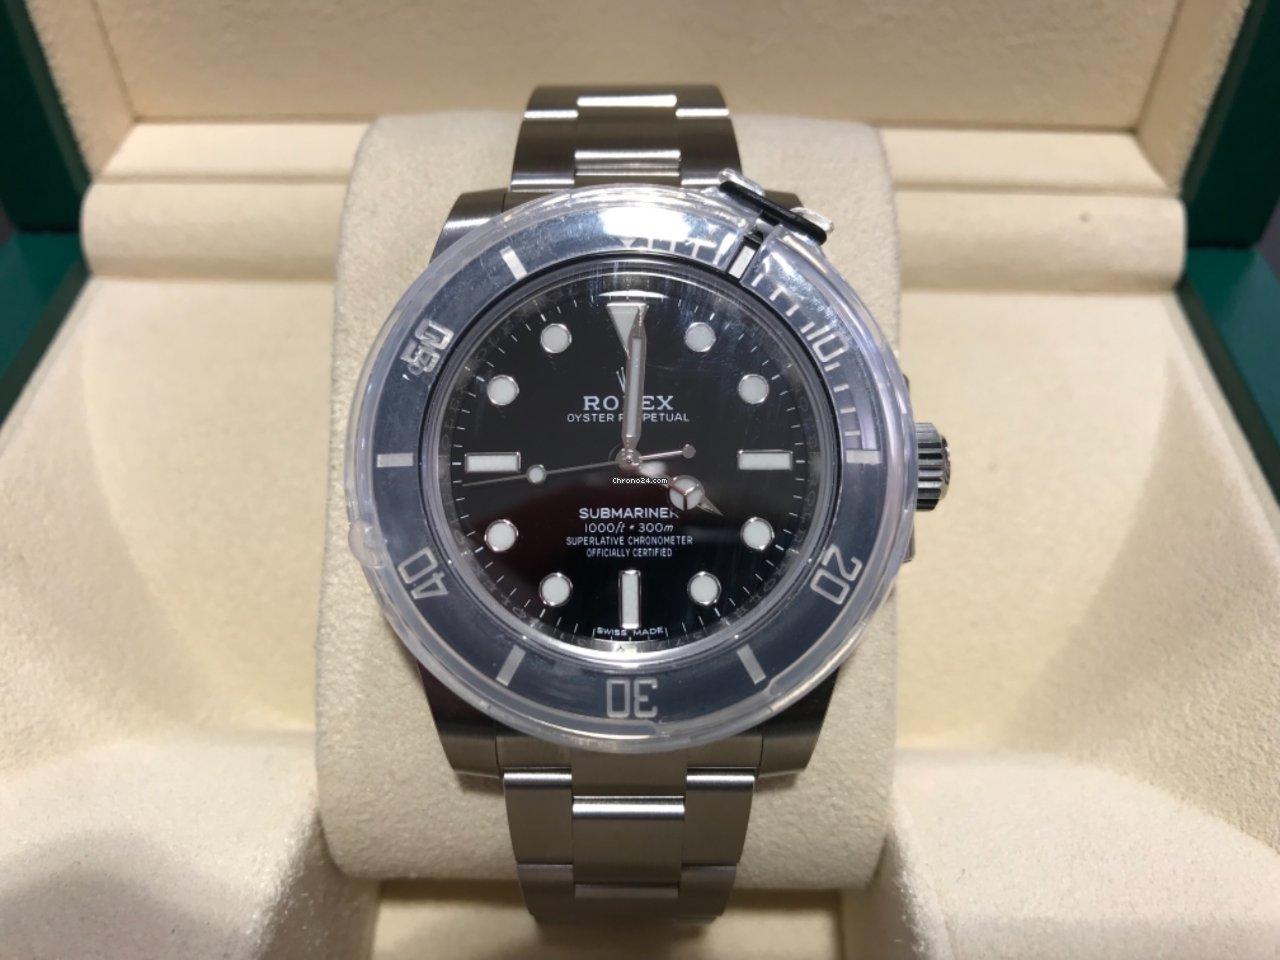 a93974a45 Prezzo degli orologi Rolex Submariner su Chrono24